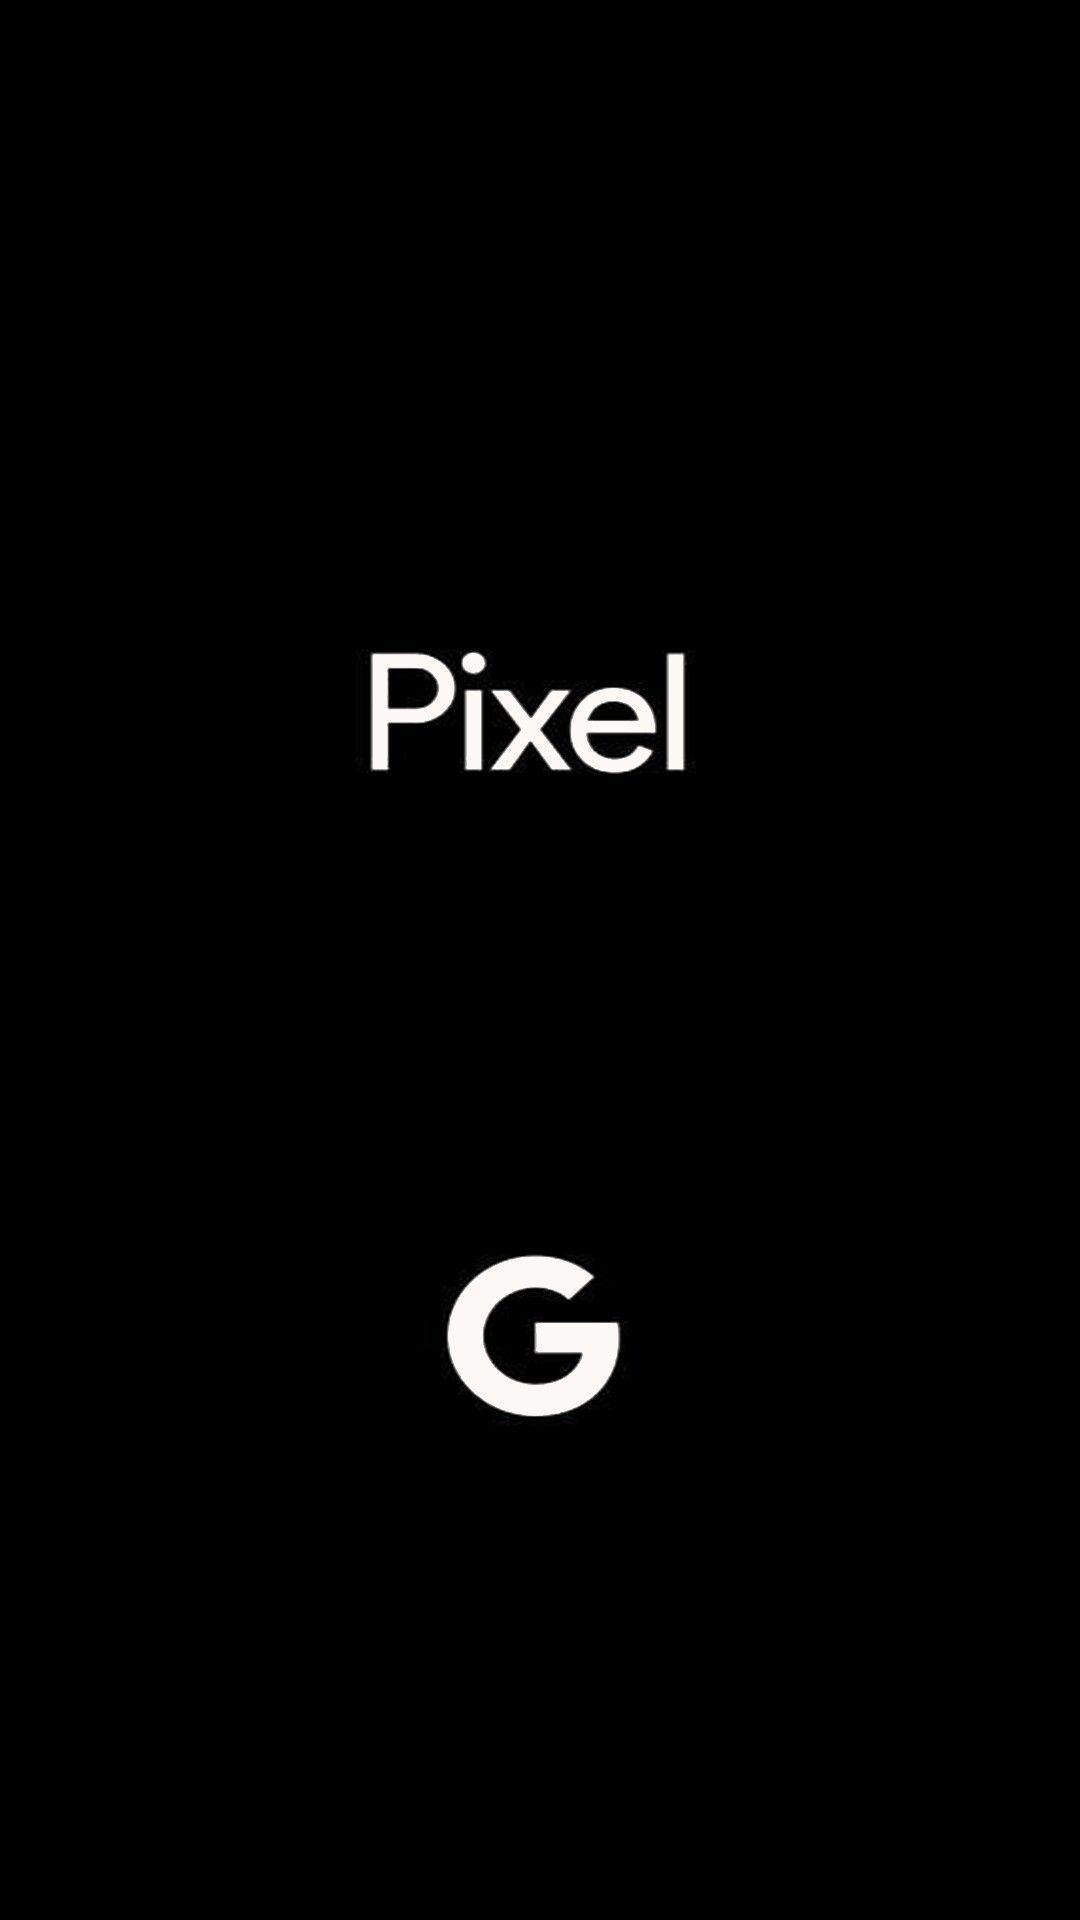 Pin On Google Pixel Logo Wallpaper Google Pixel Wallpaper Google Pixel Phone Wallpaper Design Google pixel wallpaper hd